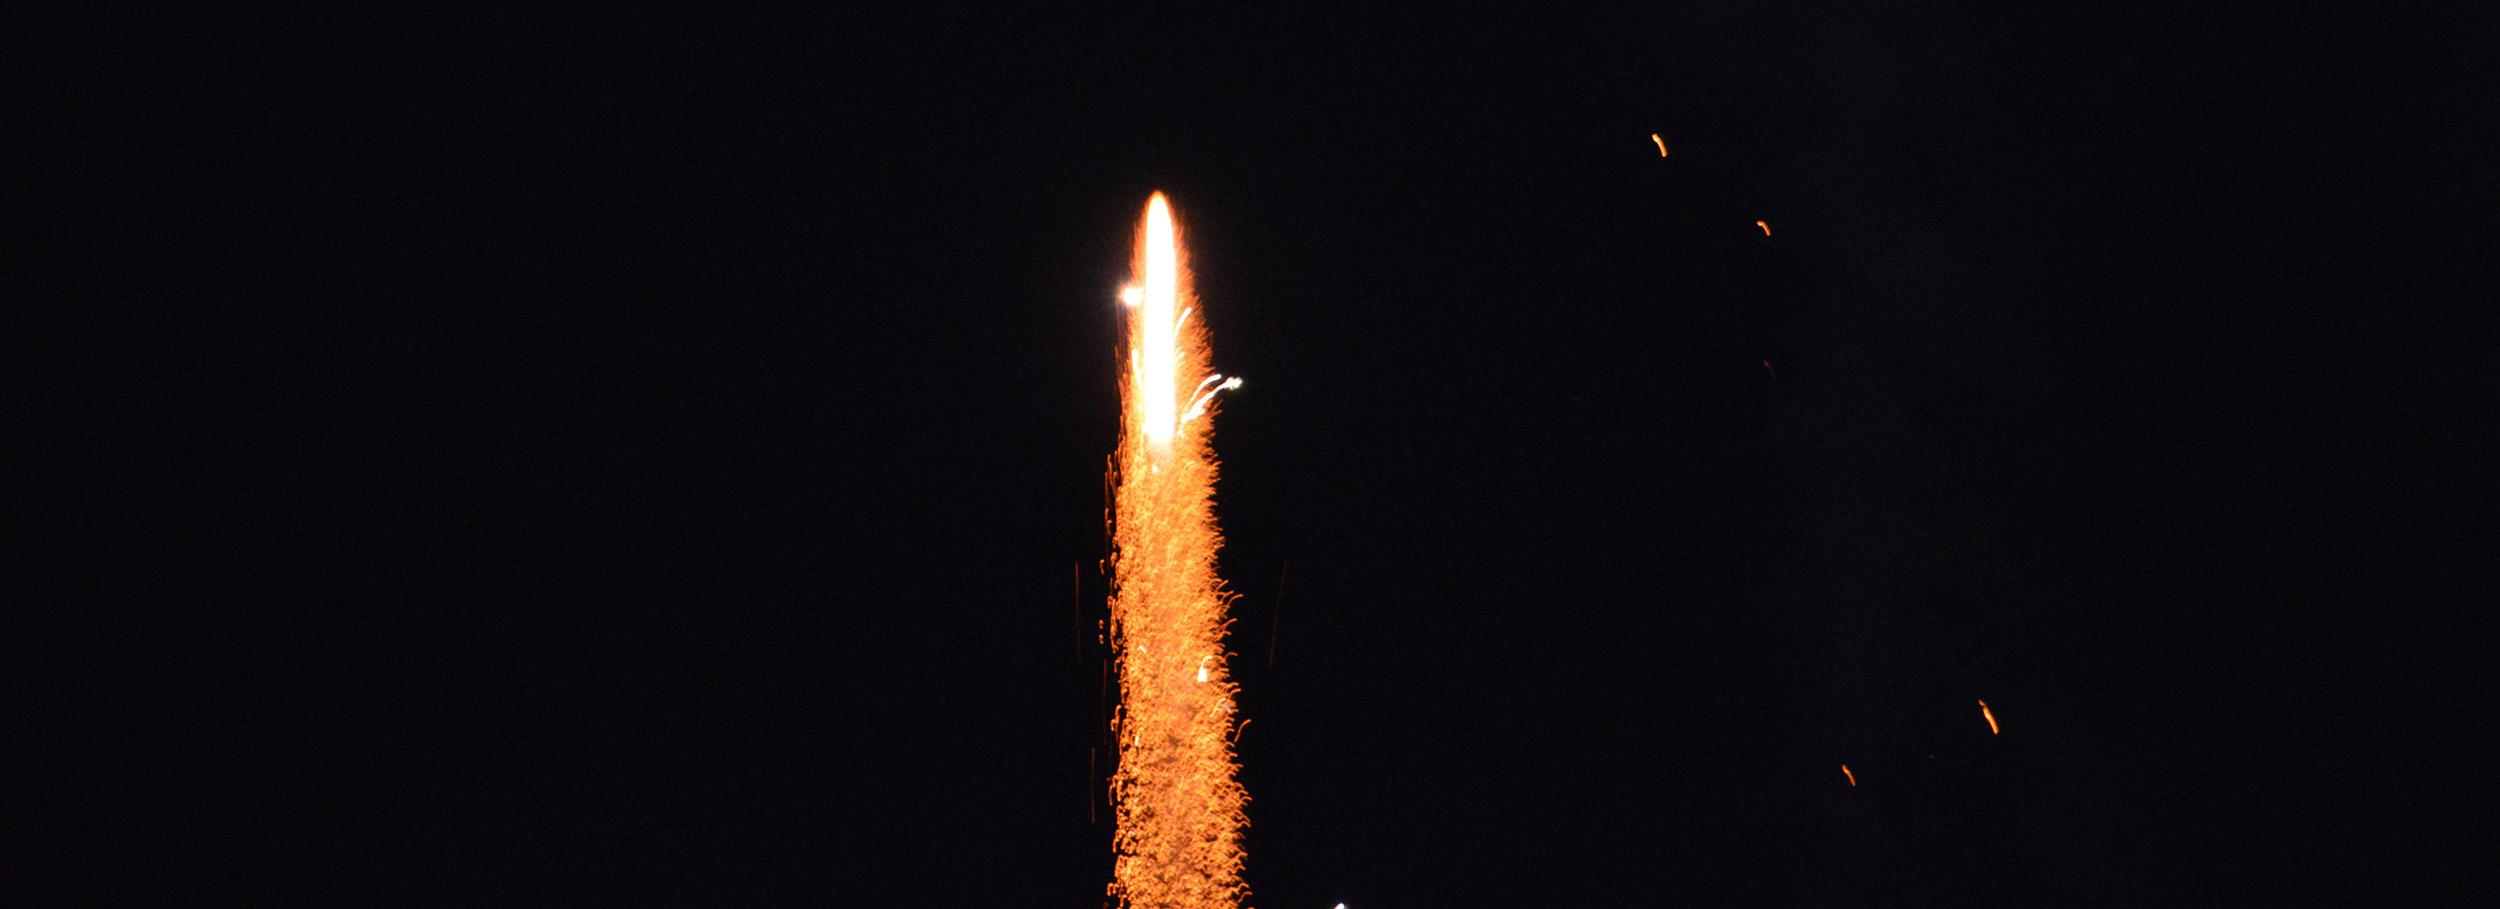 Vuurwerk1